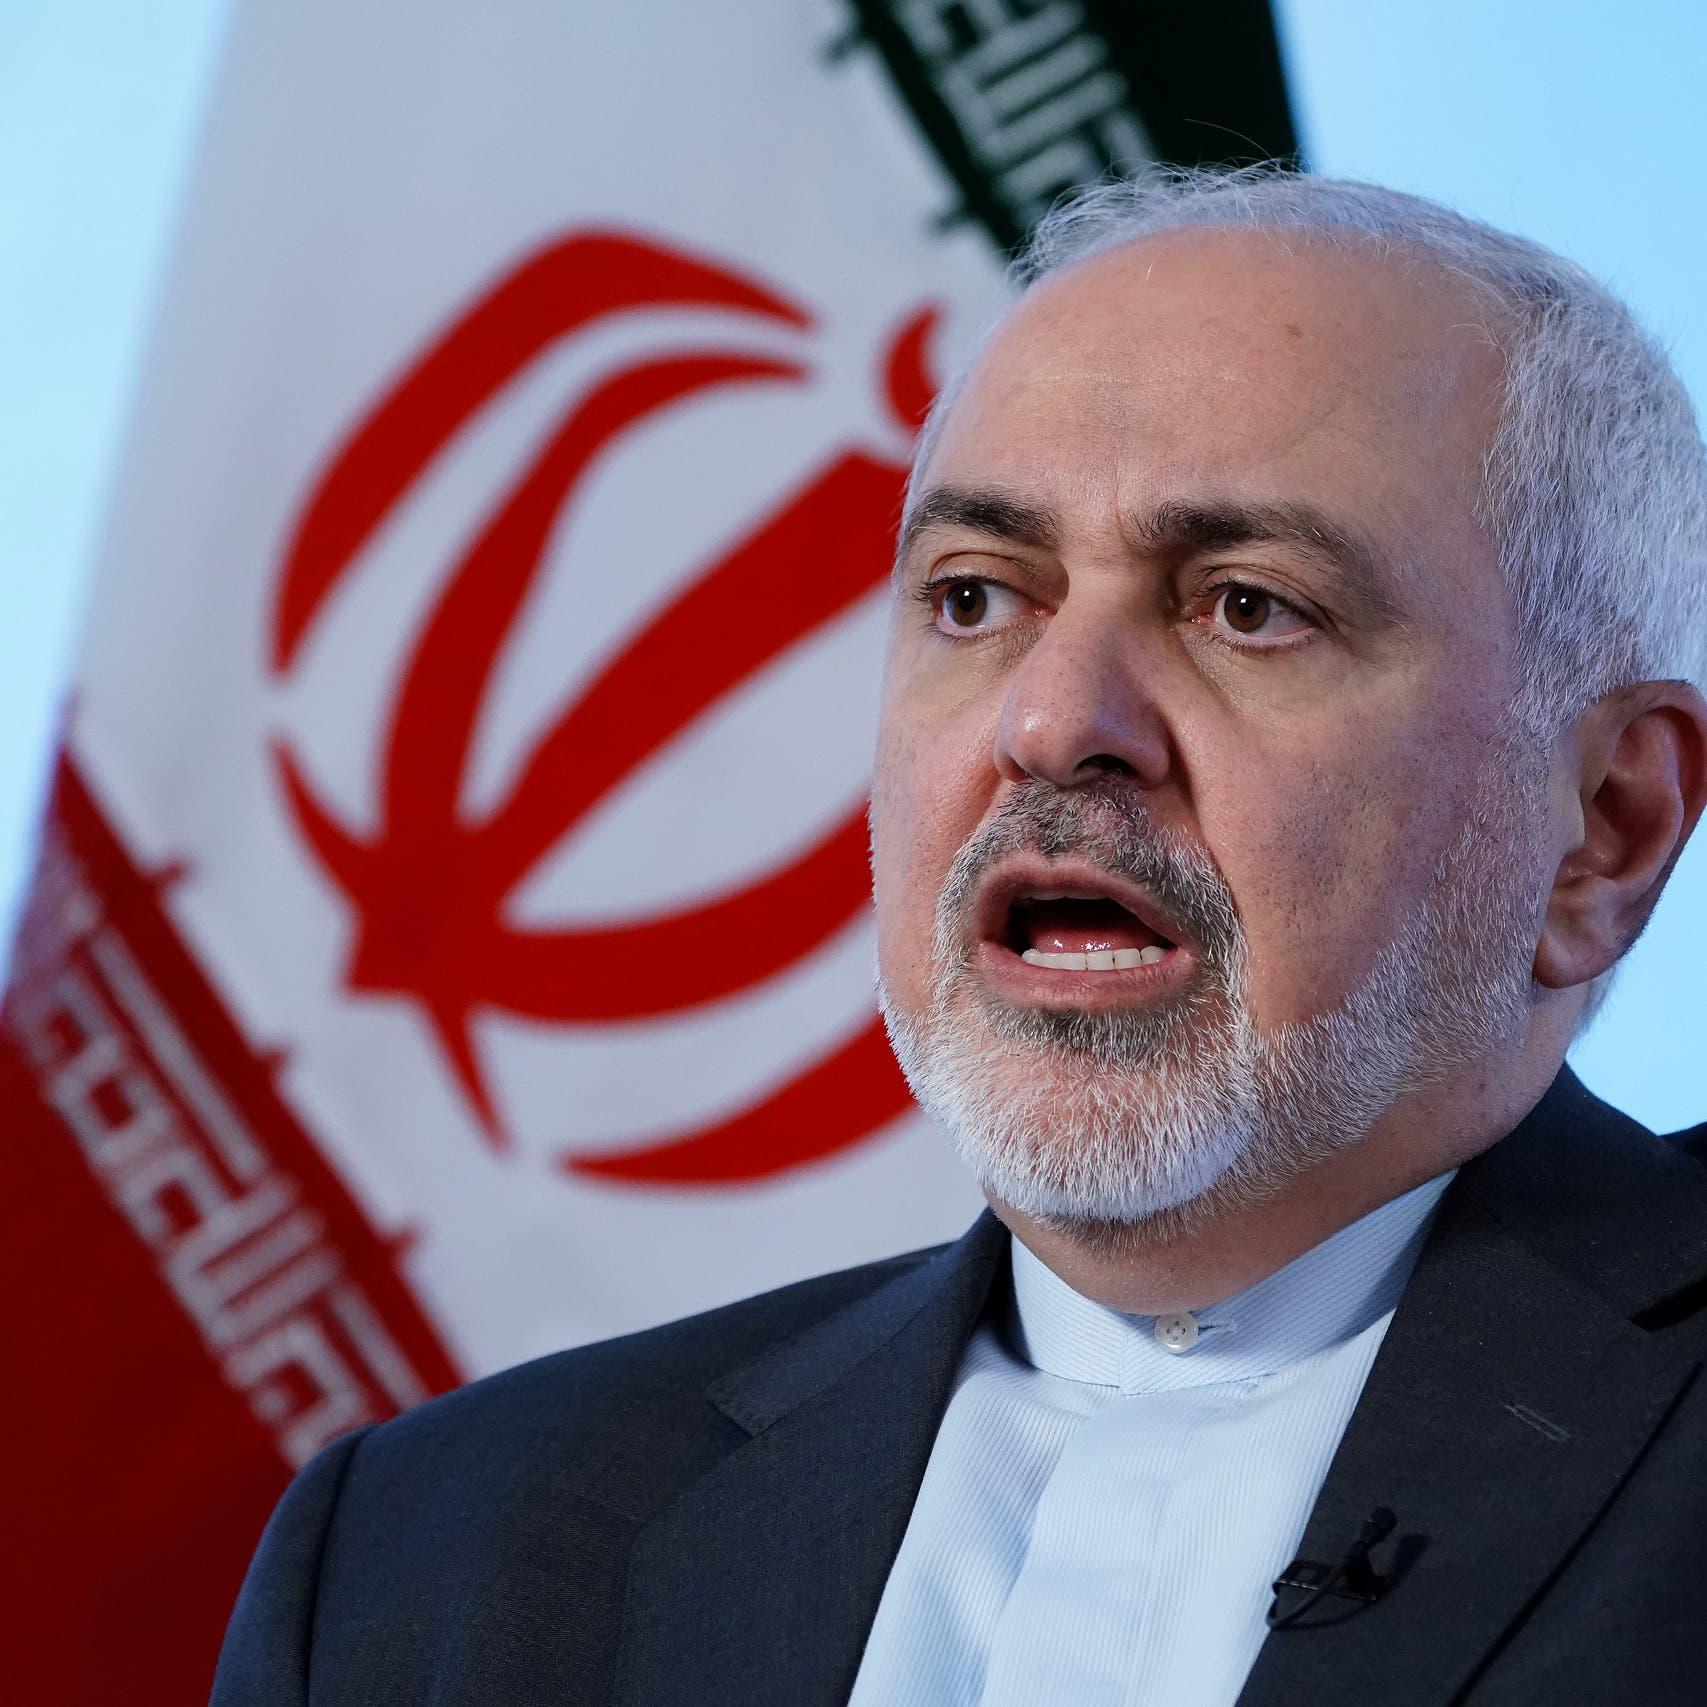 إيرانيون بالدول الإسكندينافية يتظاهرون ضد زيارة ظريف